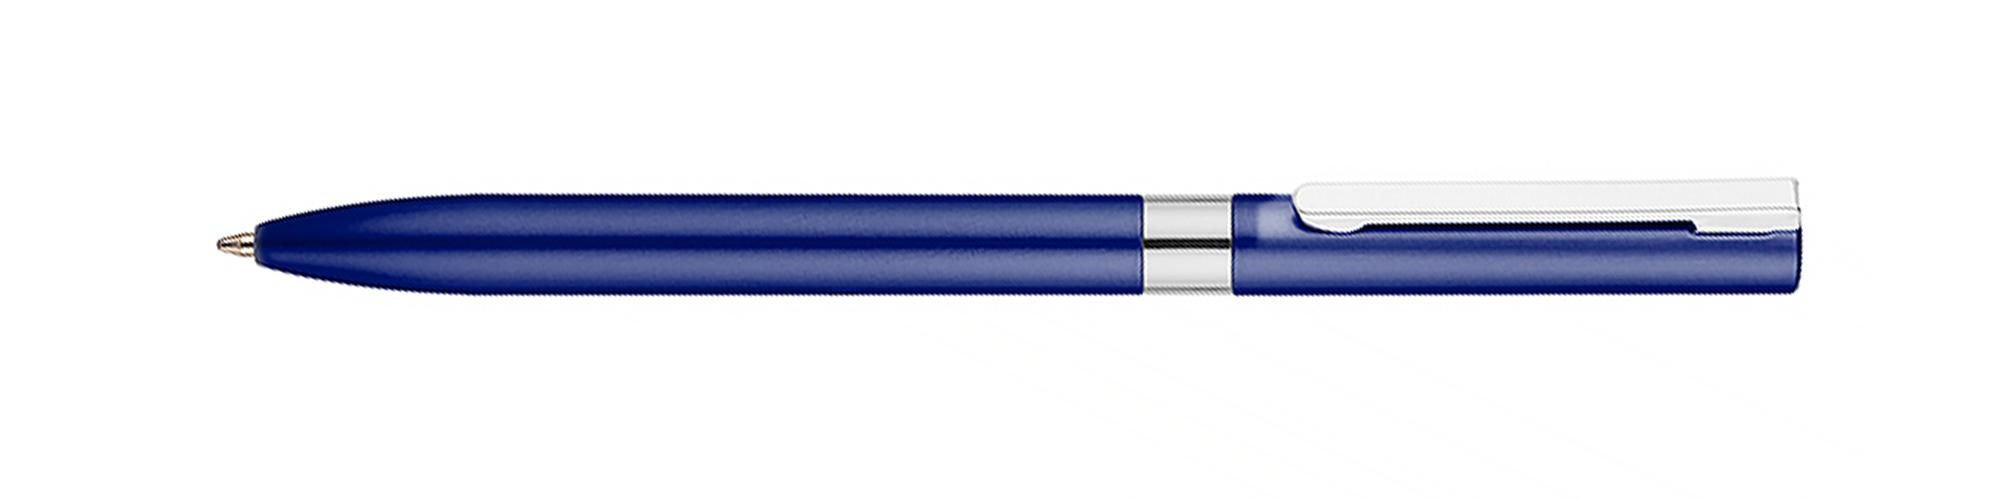 Metalowy długopis reklamowy -19619